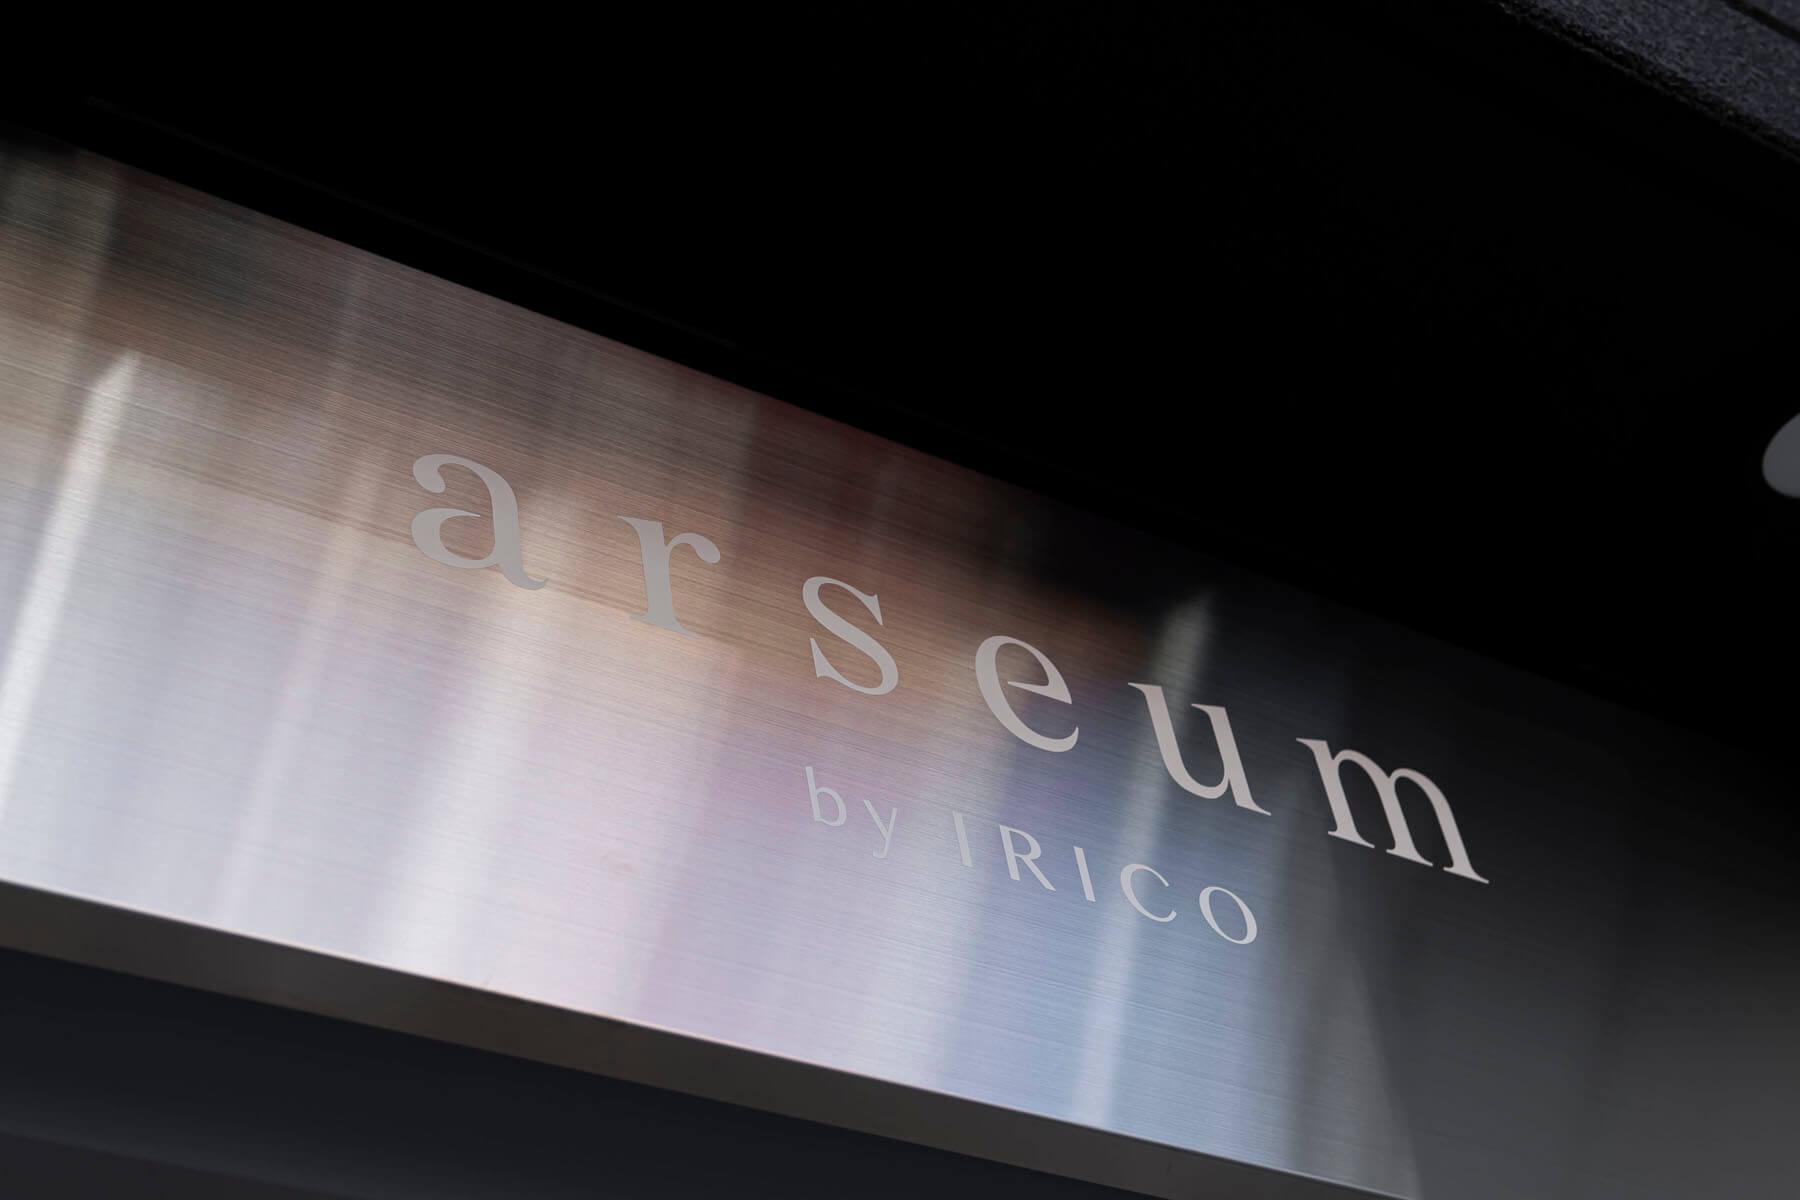 arseum by IRICO/Kanagawa